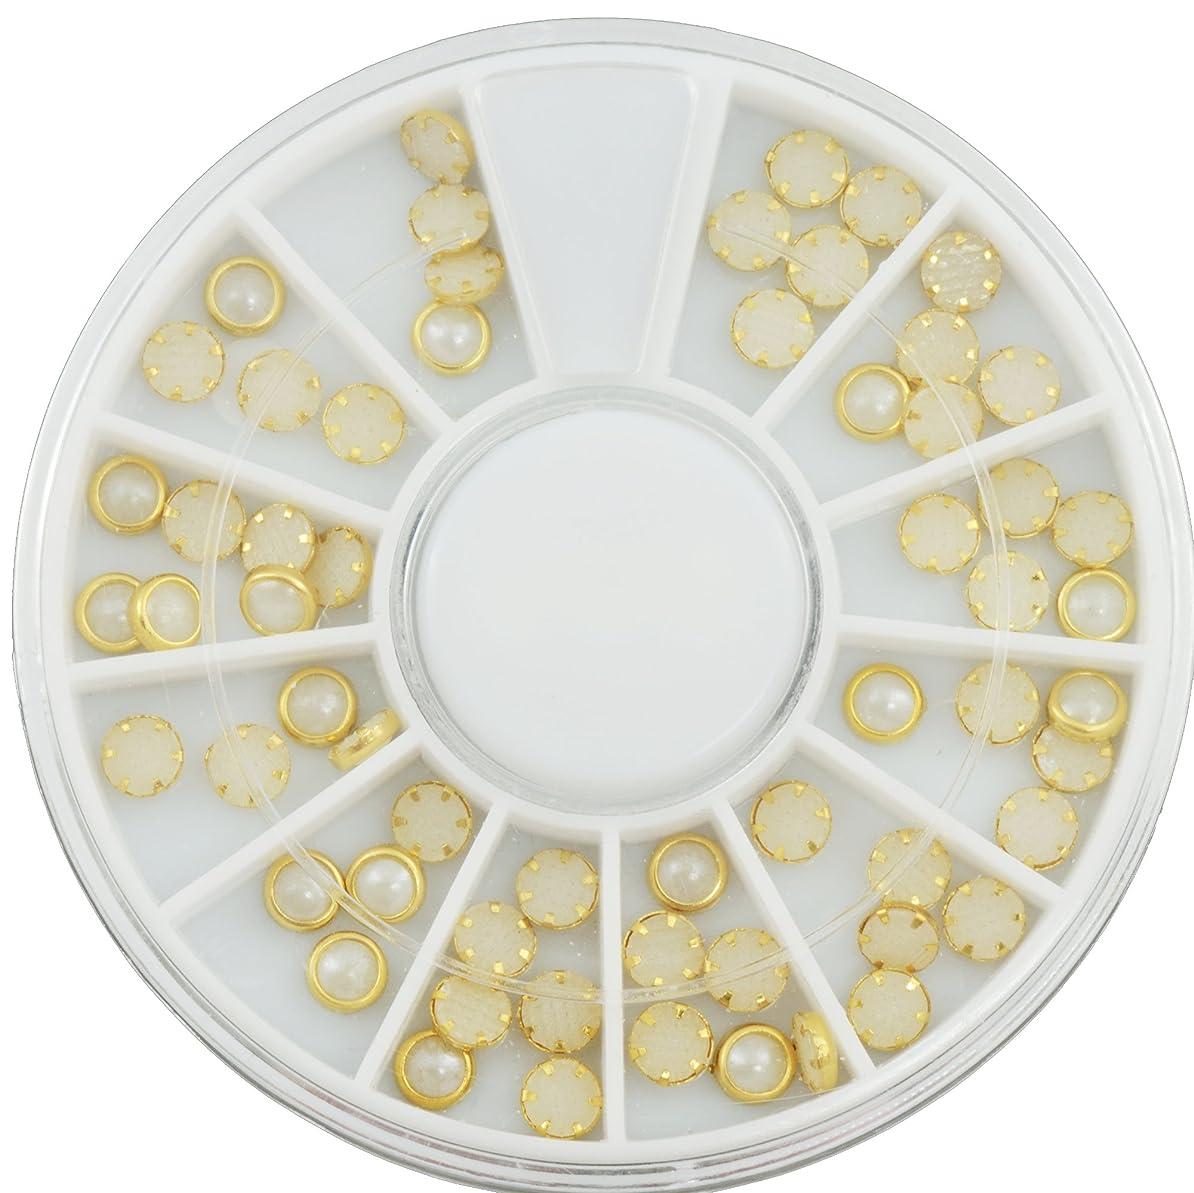 切断する履歴書食べるネイルパーツ メタル枠付きパール クリーミーホワイト デコパーツ 4mm